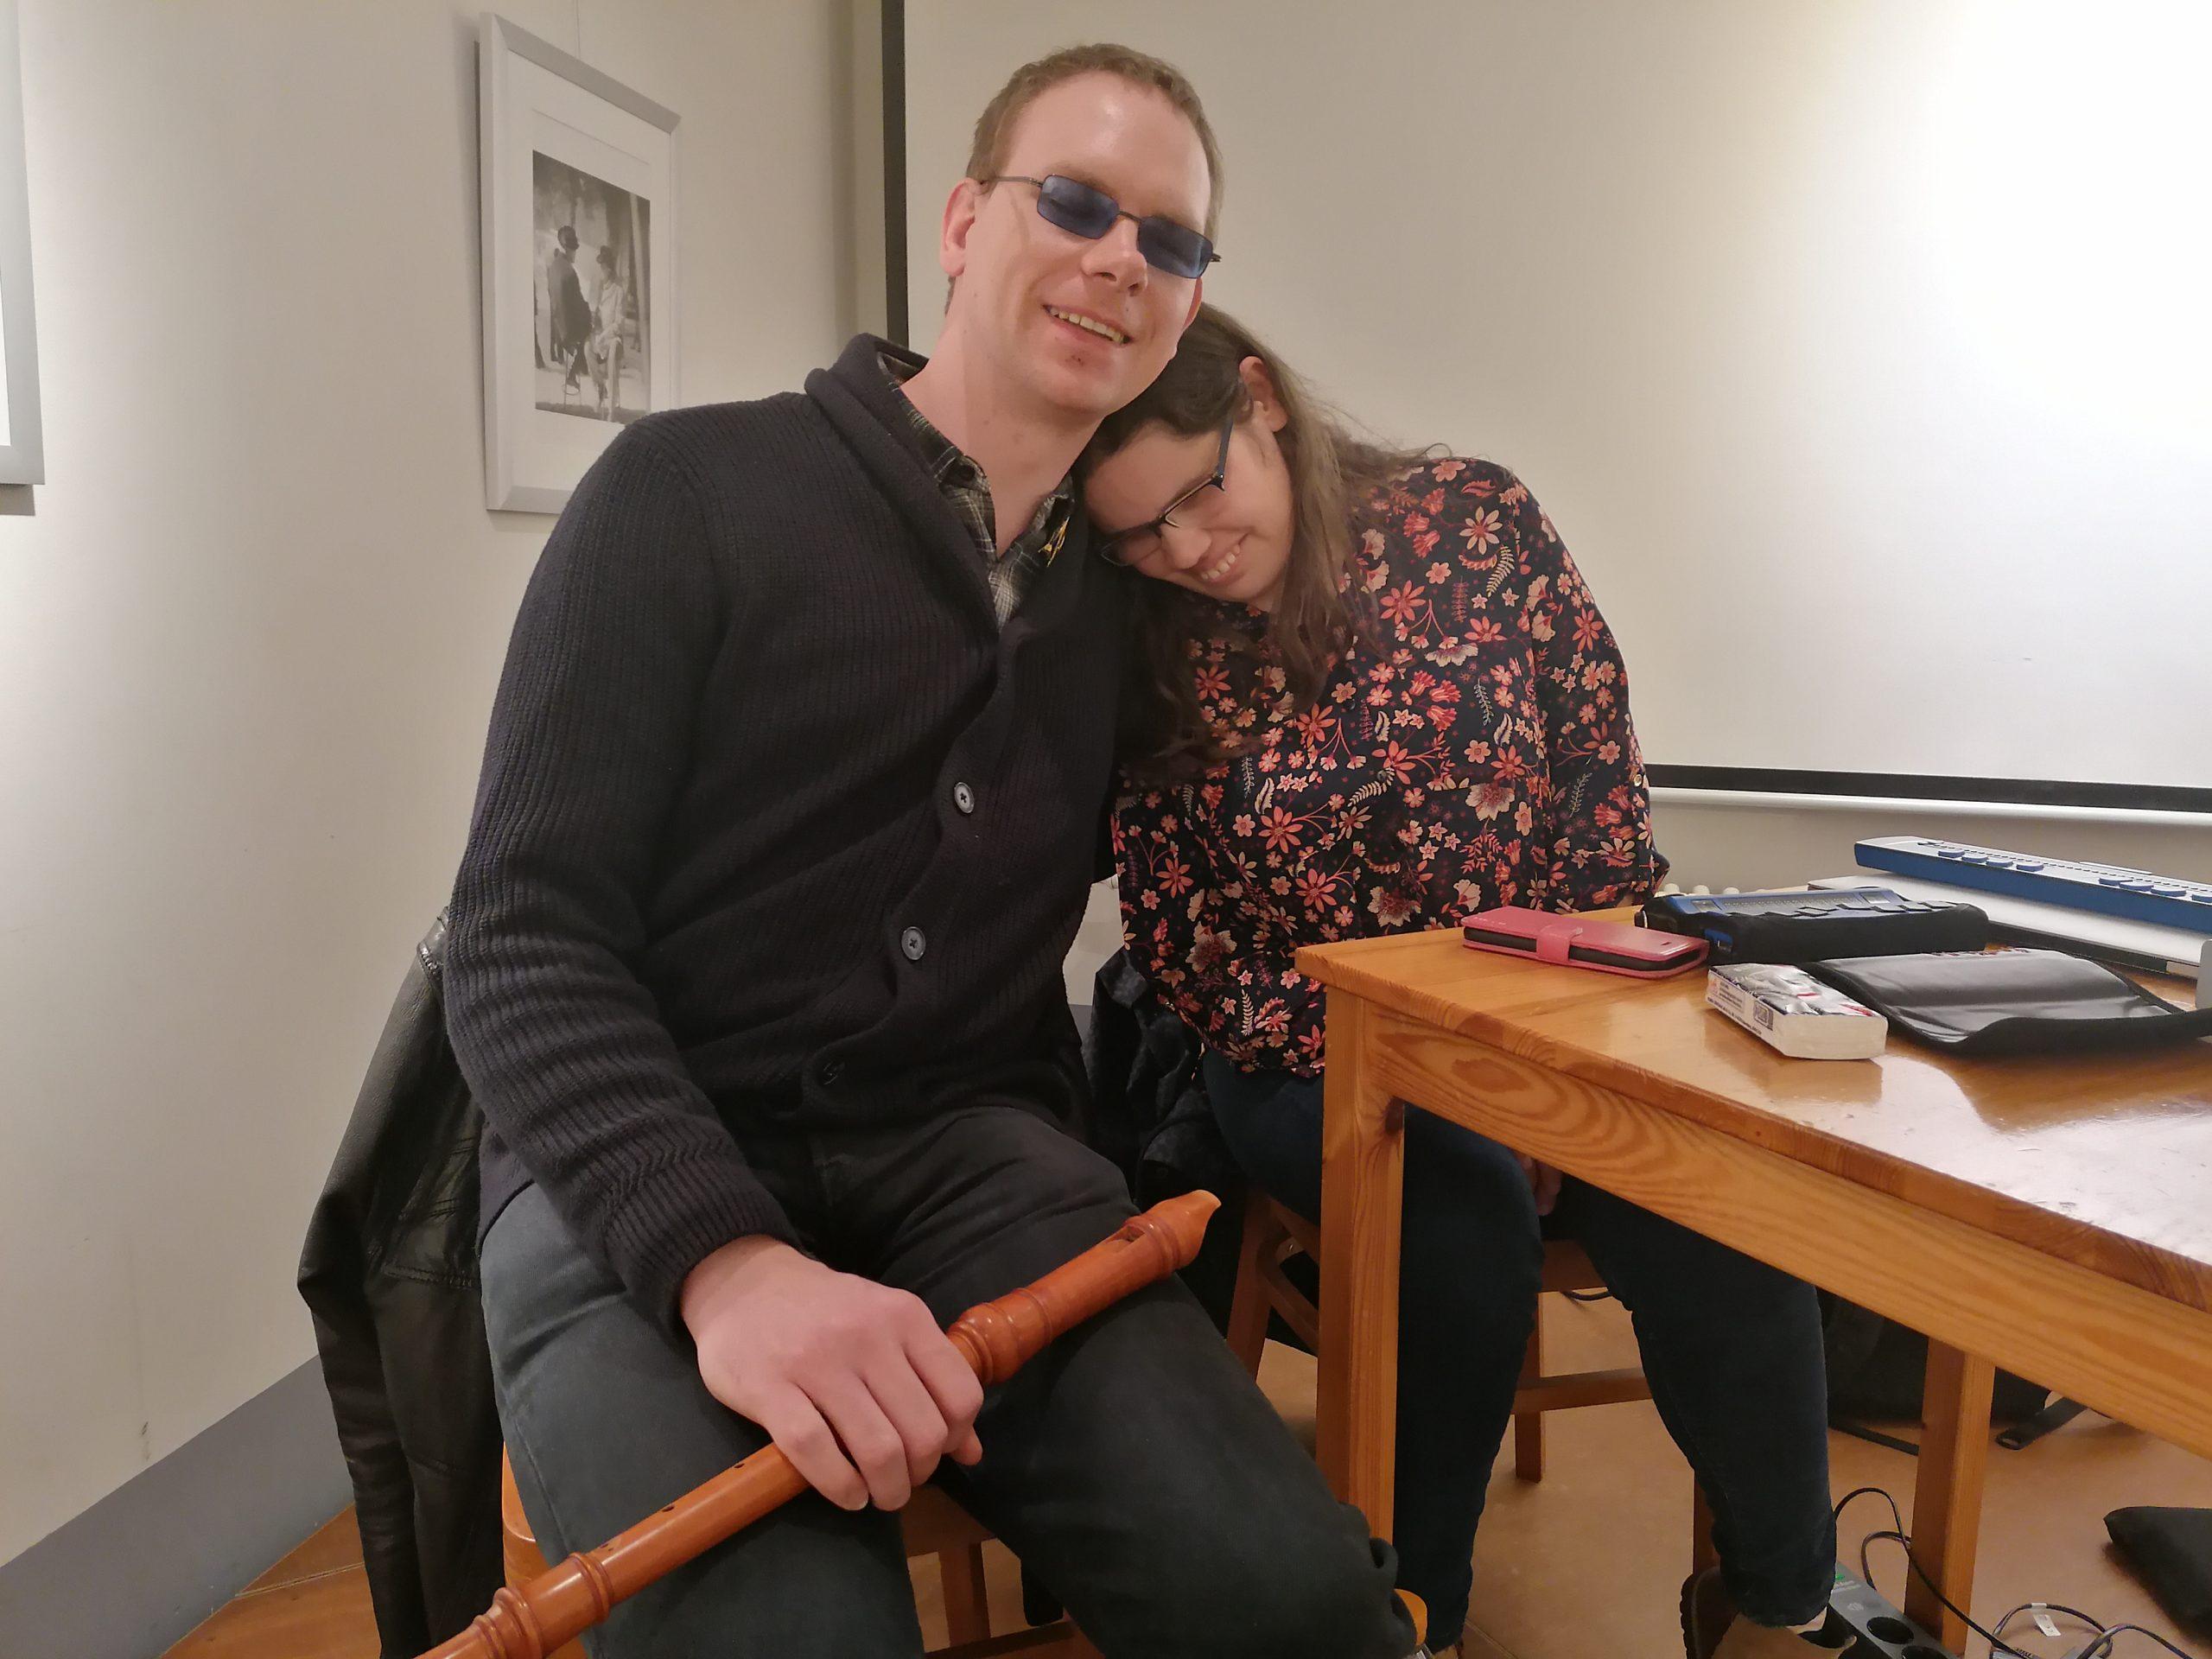 Annemarie Kock und Martin weigert haben gemeinsam die Dunkellesung in der Hofgalerie des Moritzhofs gestaltet.